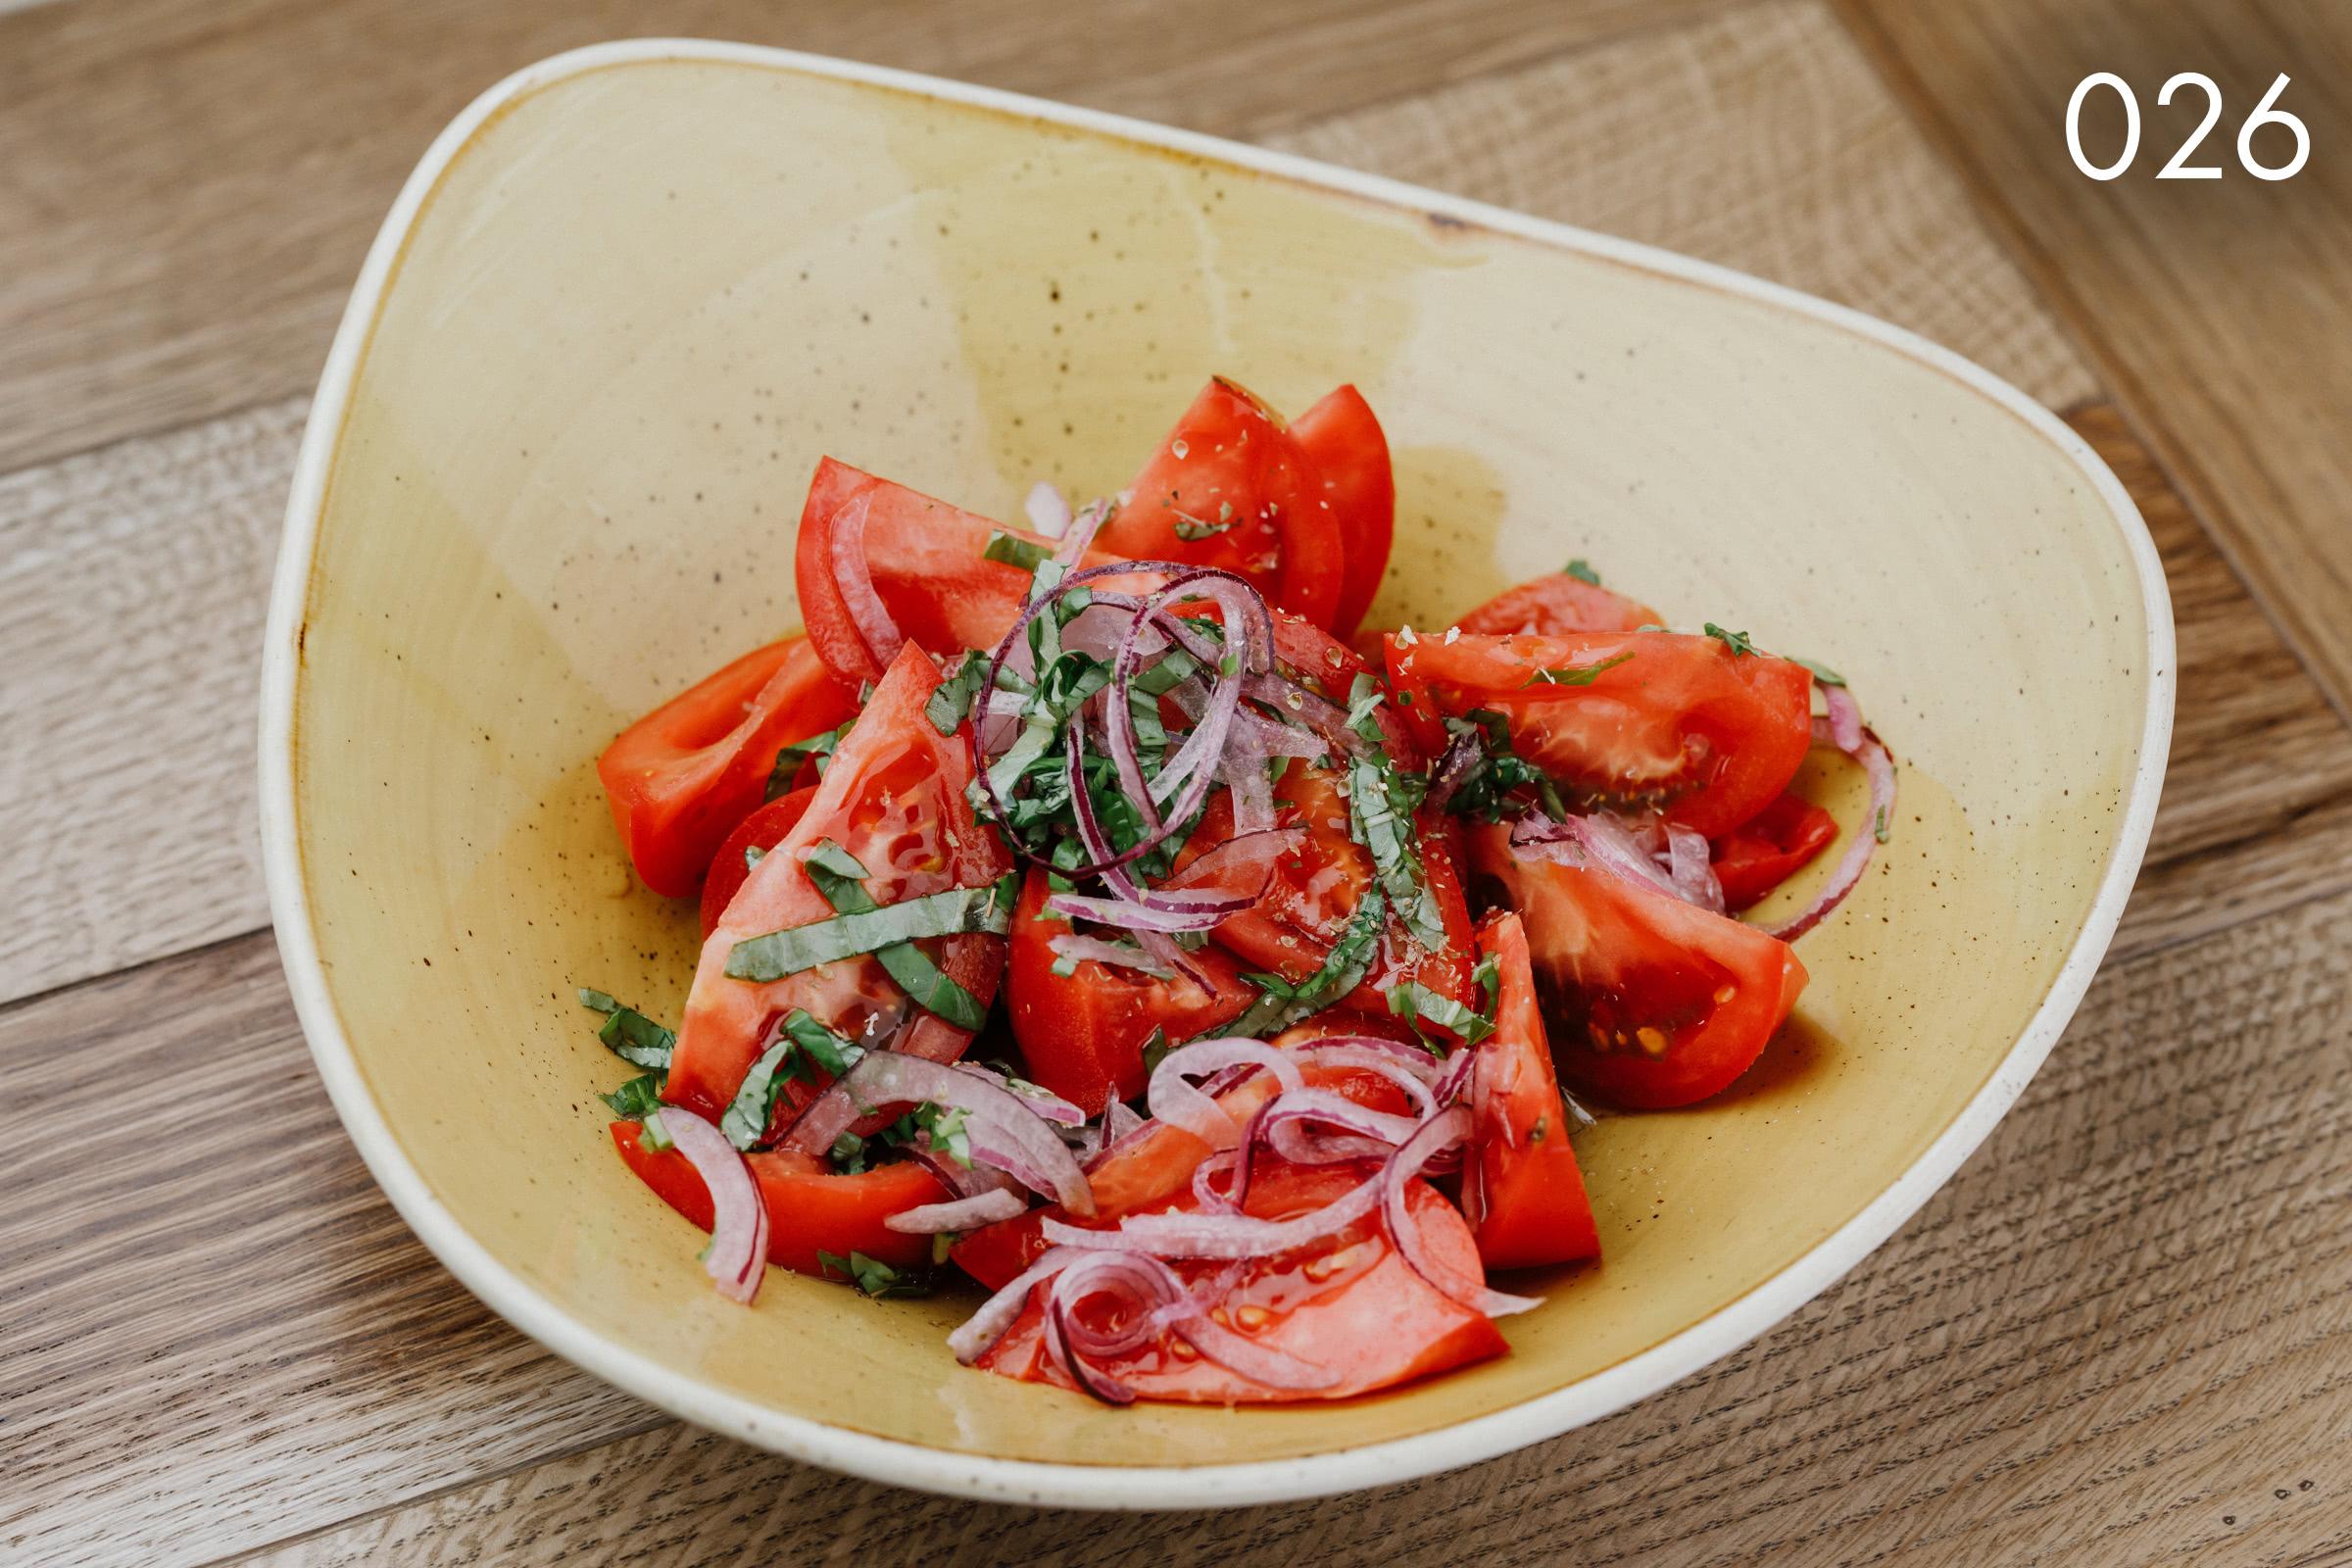 салат из узбекских томатов с базиликом, крымским луком, и домашним маслом в ресторане Веранда